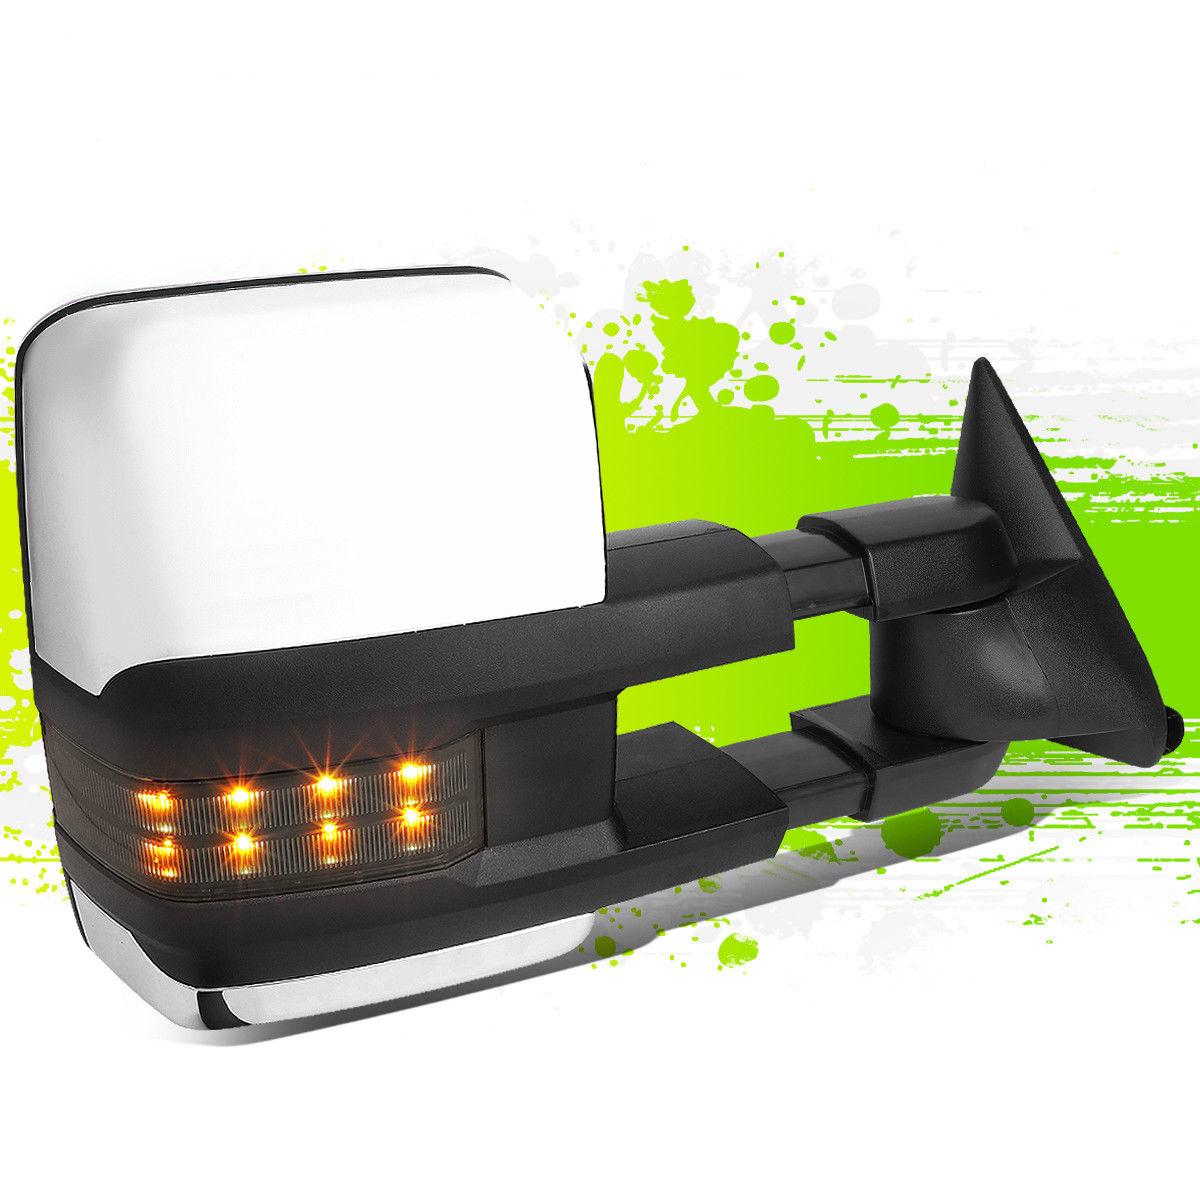 ミラー CHROME POWERED TOWING MIRROR W/SMOKED LED SIGNAL RIGHT FOR 88-02 CHEVY GMC C/K CHROME POWERED TOWING MIRROR W / 88-02 CHEVY GMC C / KのためのSMOKED LEDシグナル